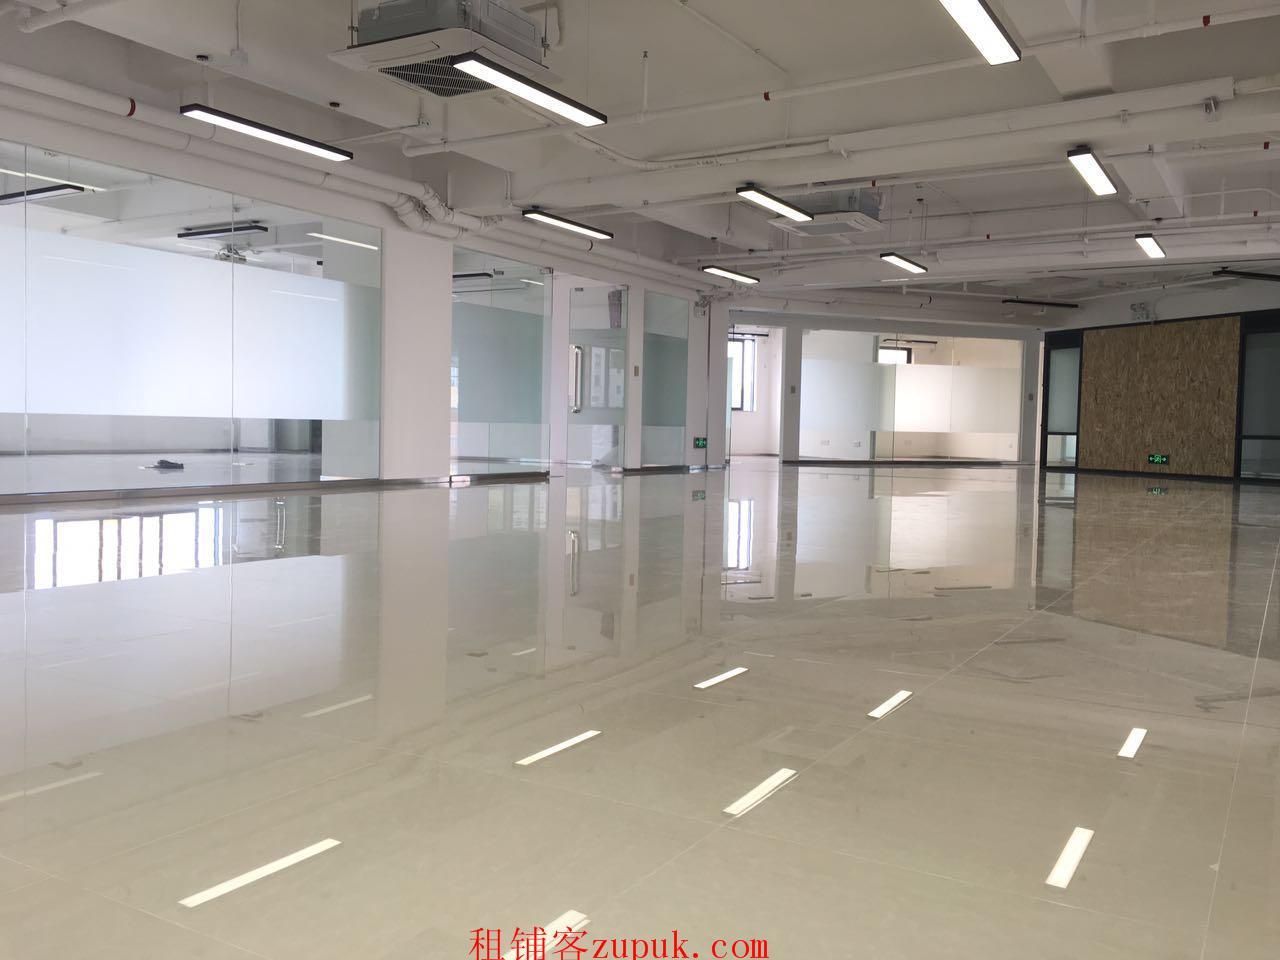 物业直租 地铁口46方带空调办公室出租 诚邀电商公司进驻